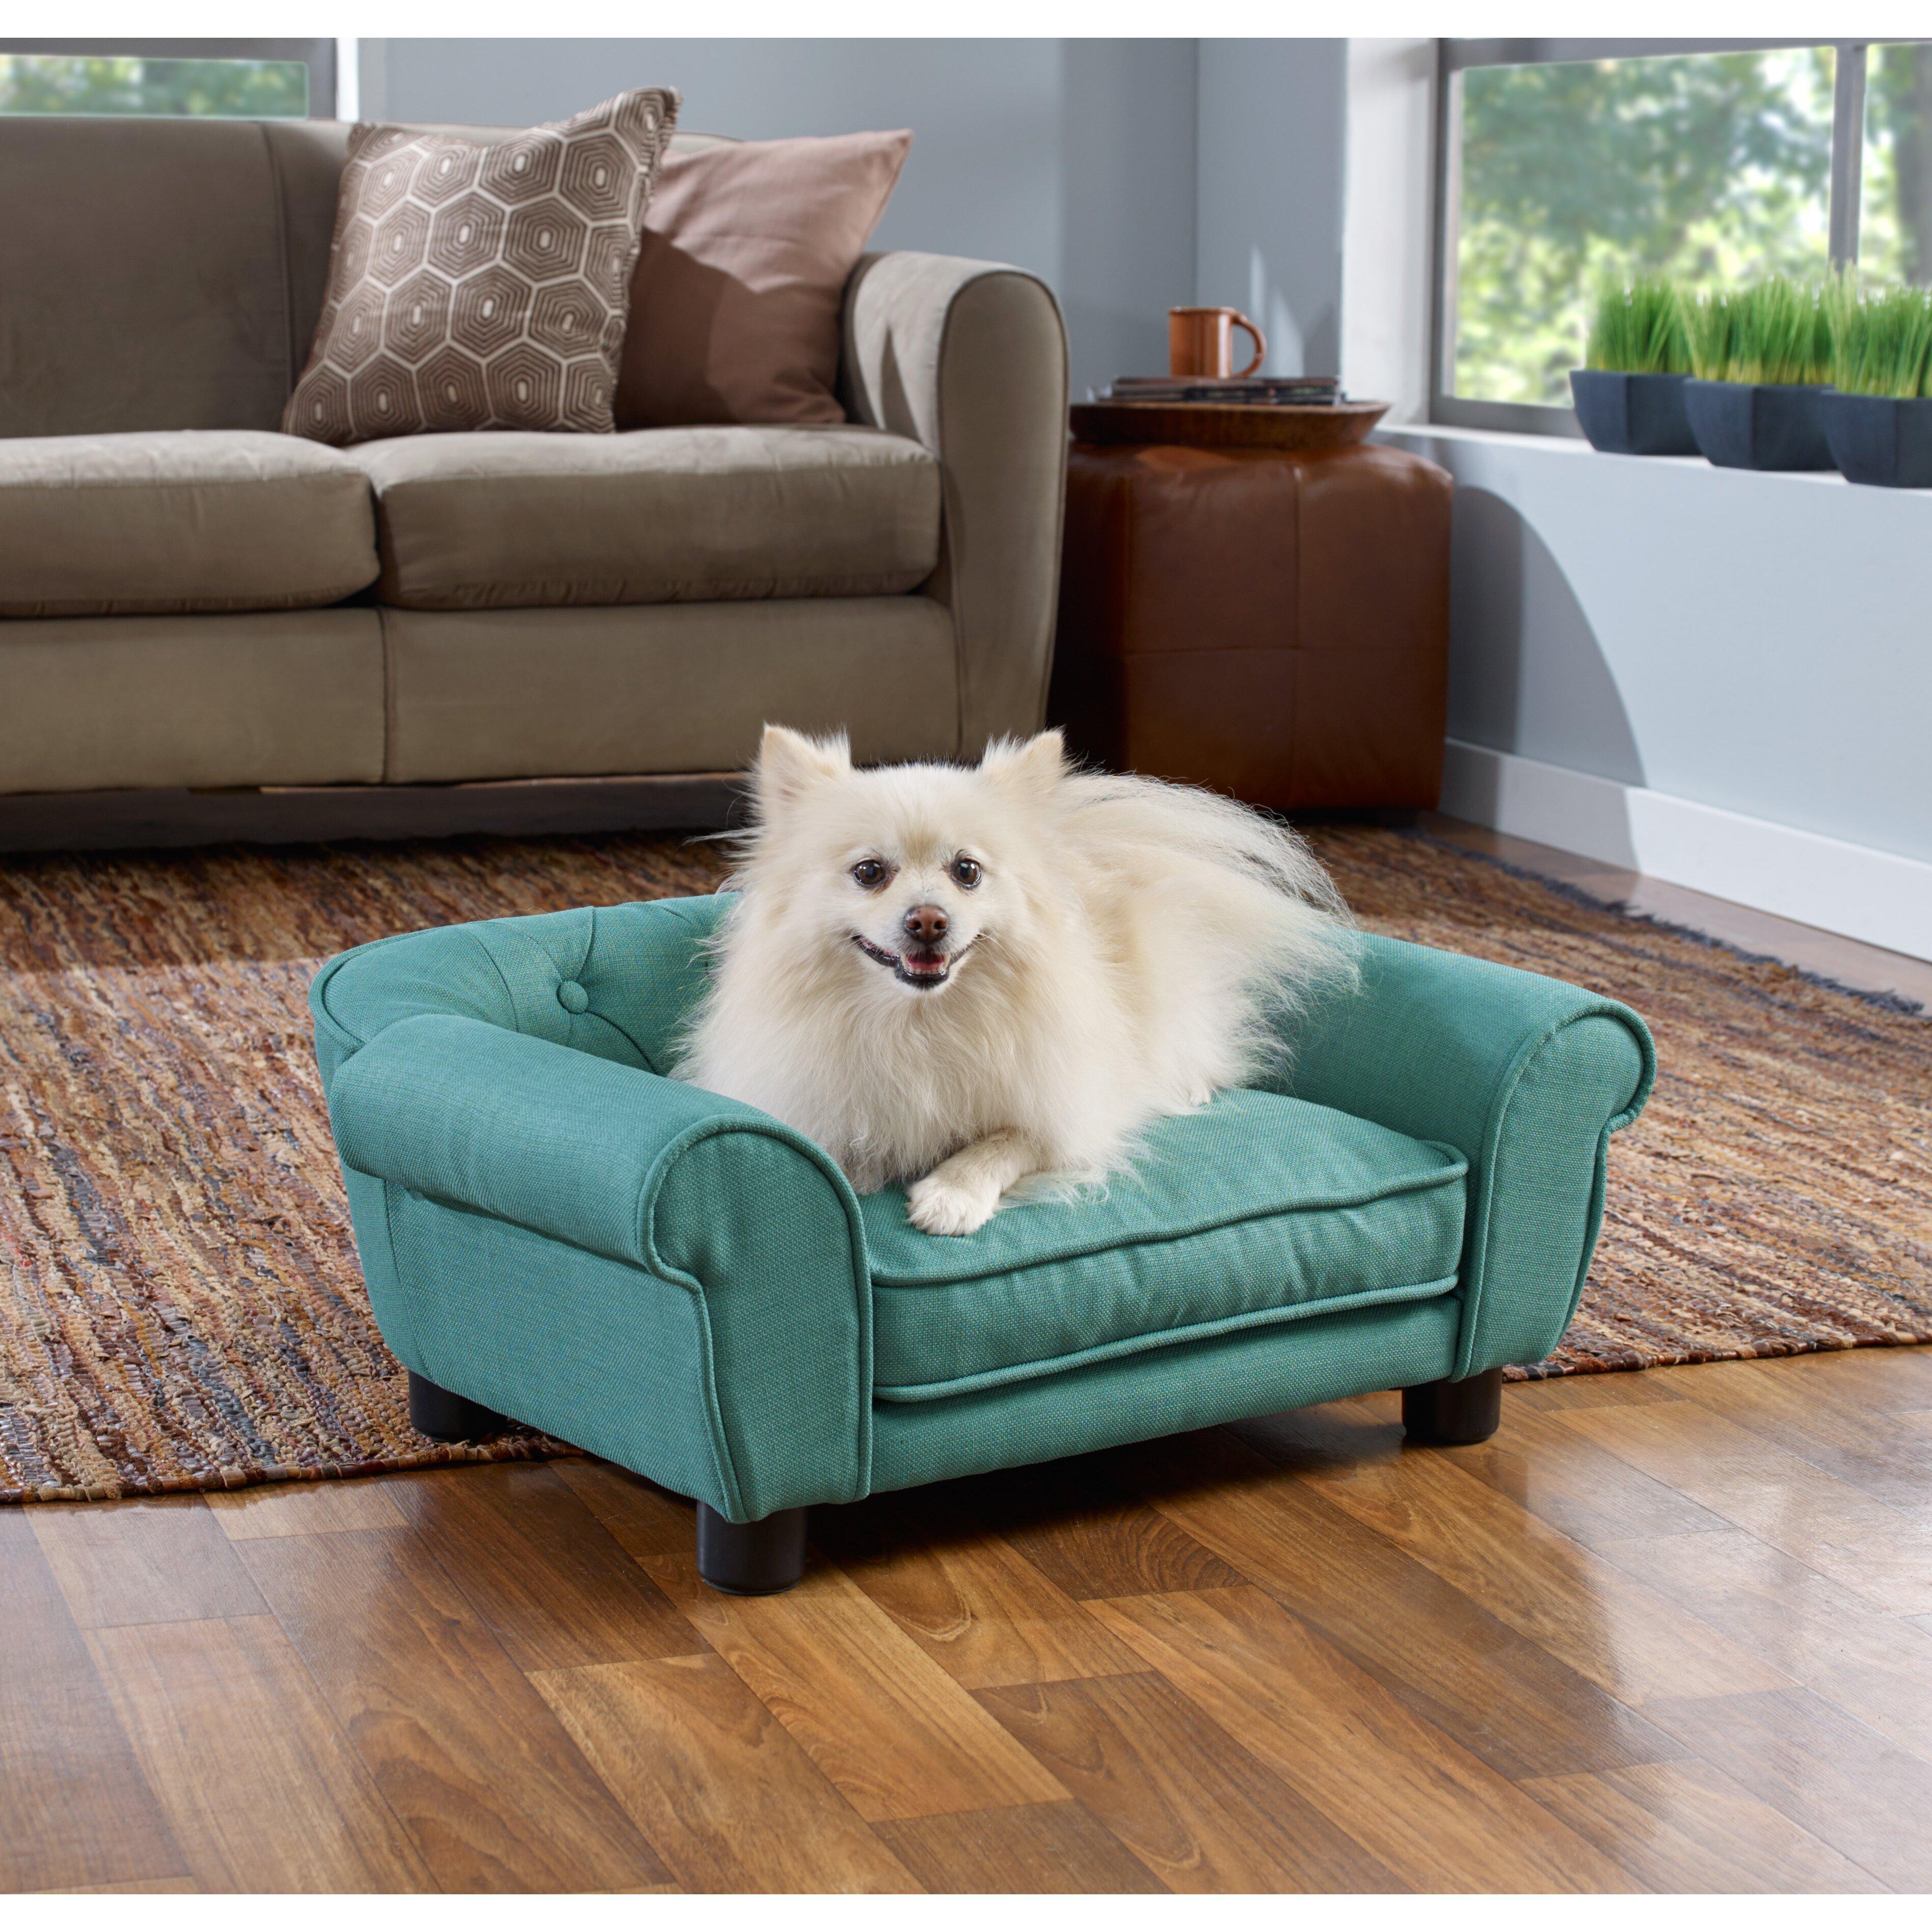 Sofa Dog Bed premier dog furniture real pet furniture Gallery